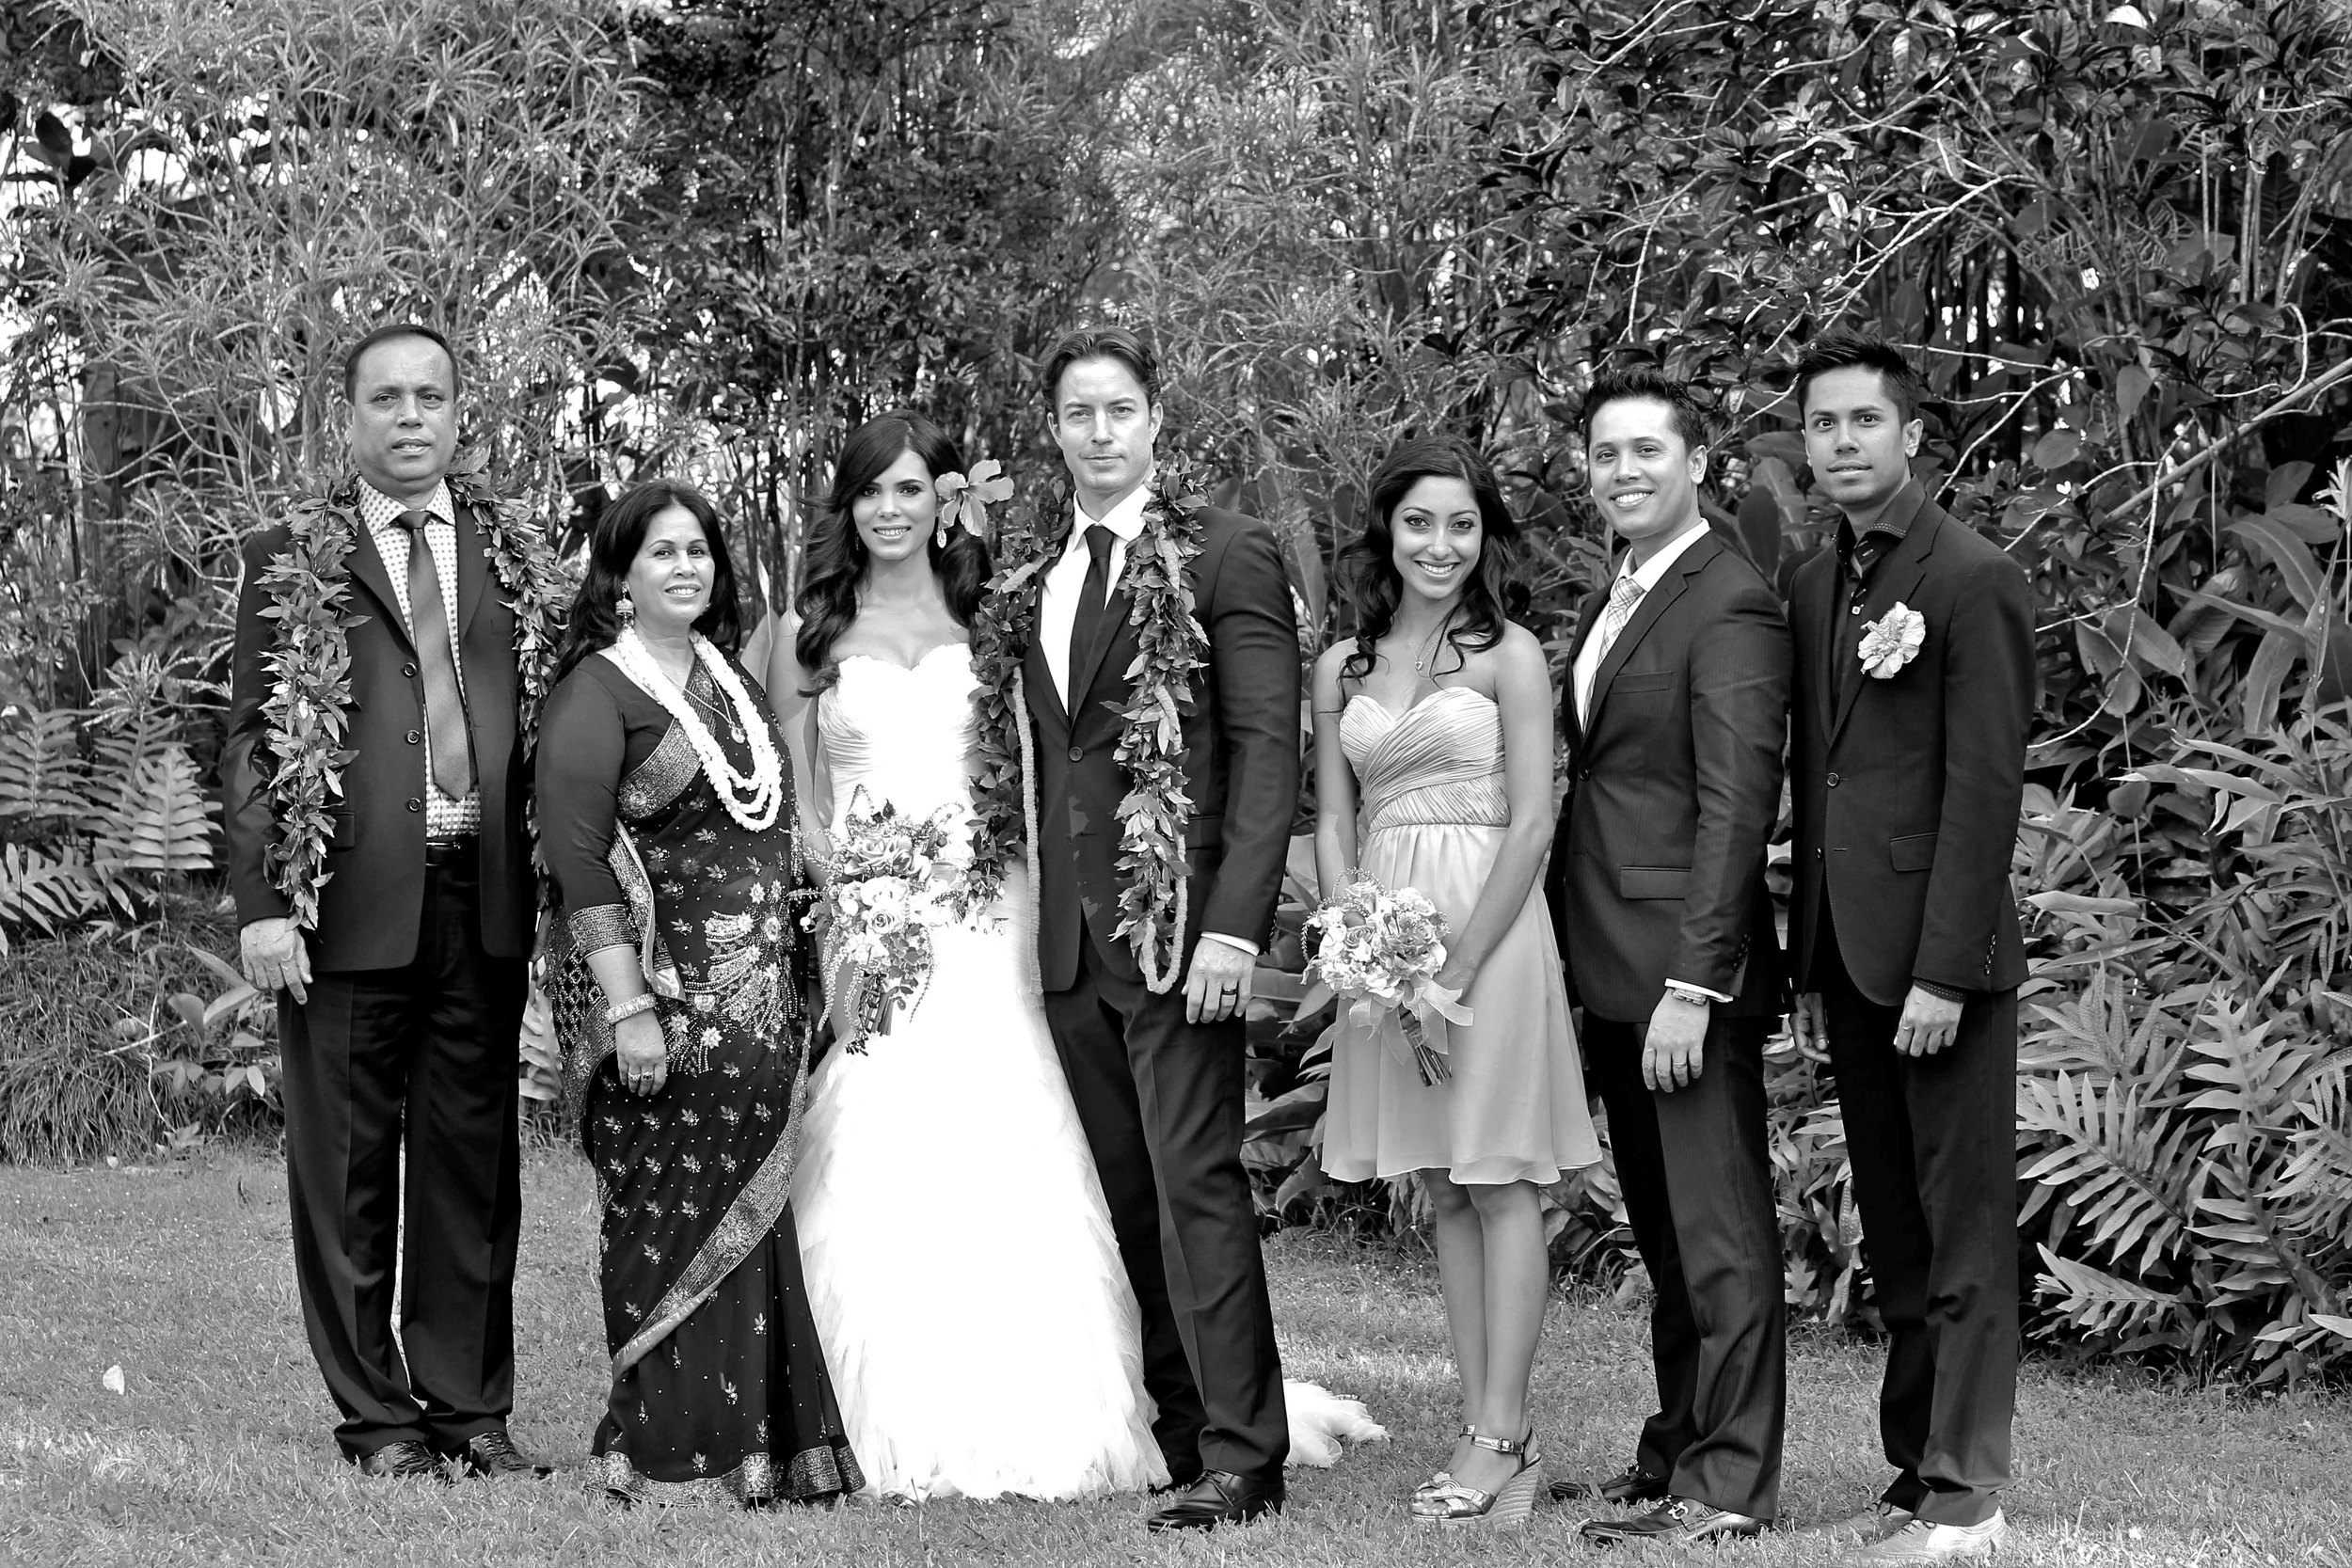 Waimea Valley Bridal Party